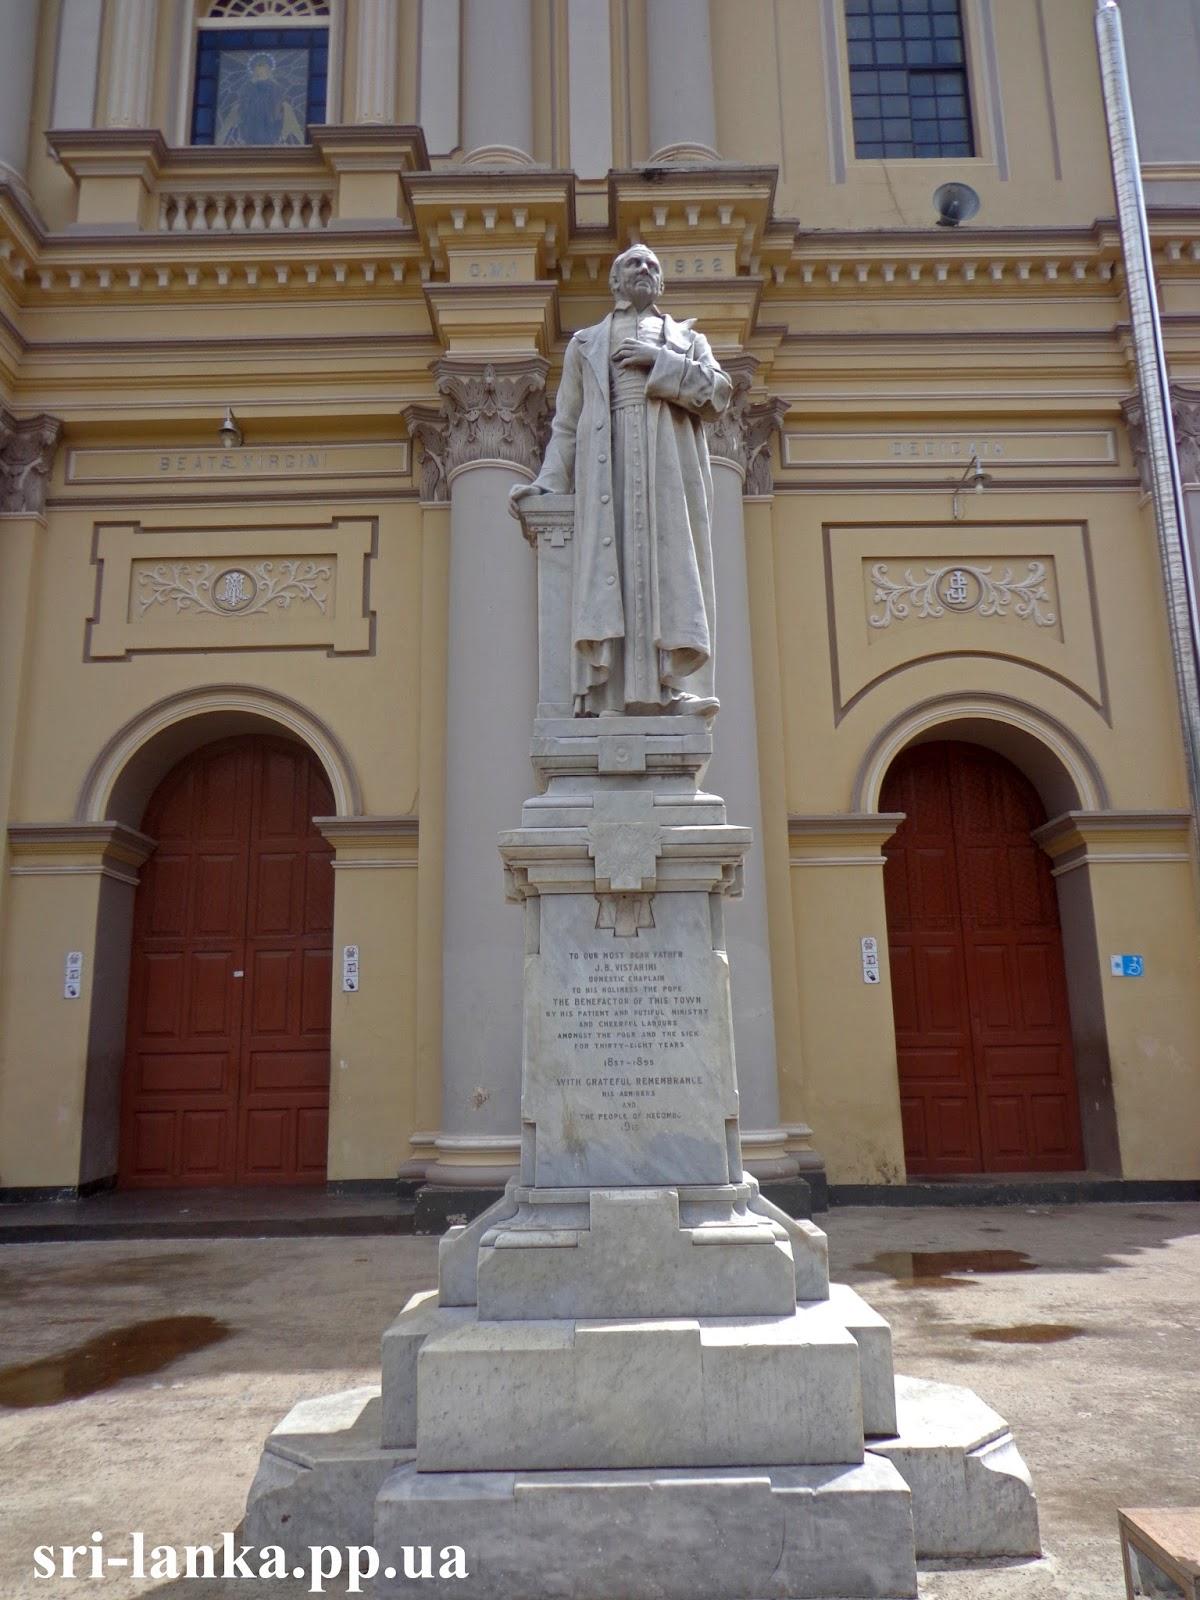 Памятник священнику Джону Вистарини в Негомбо